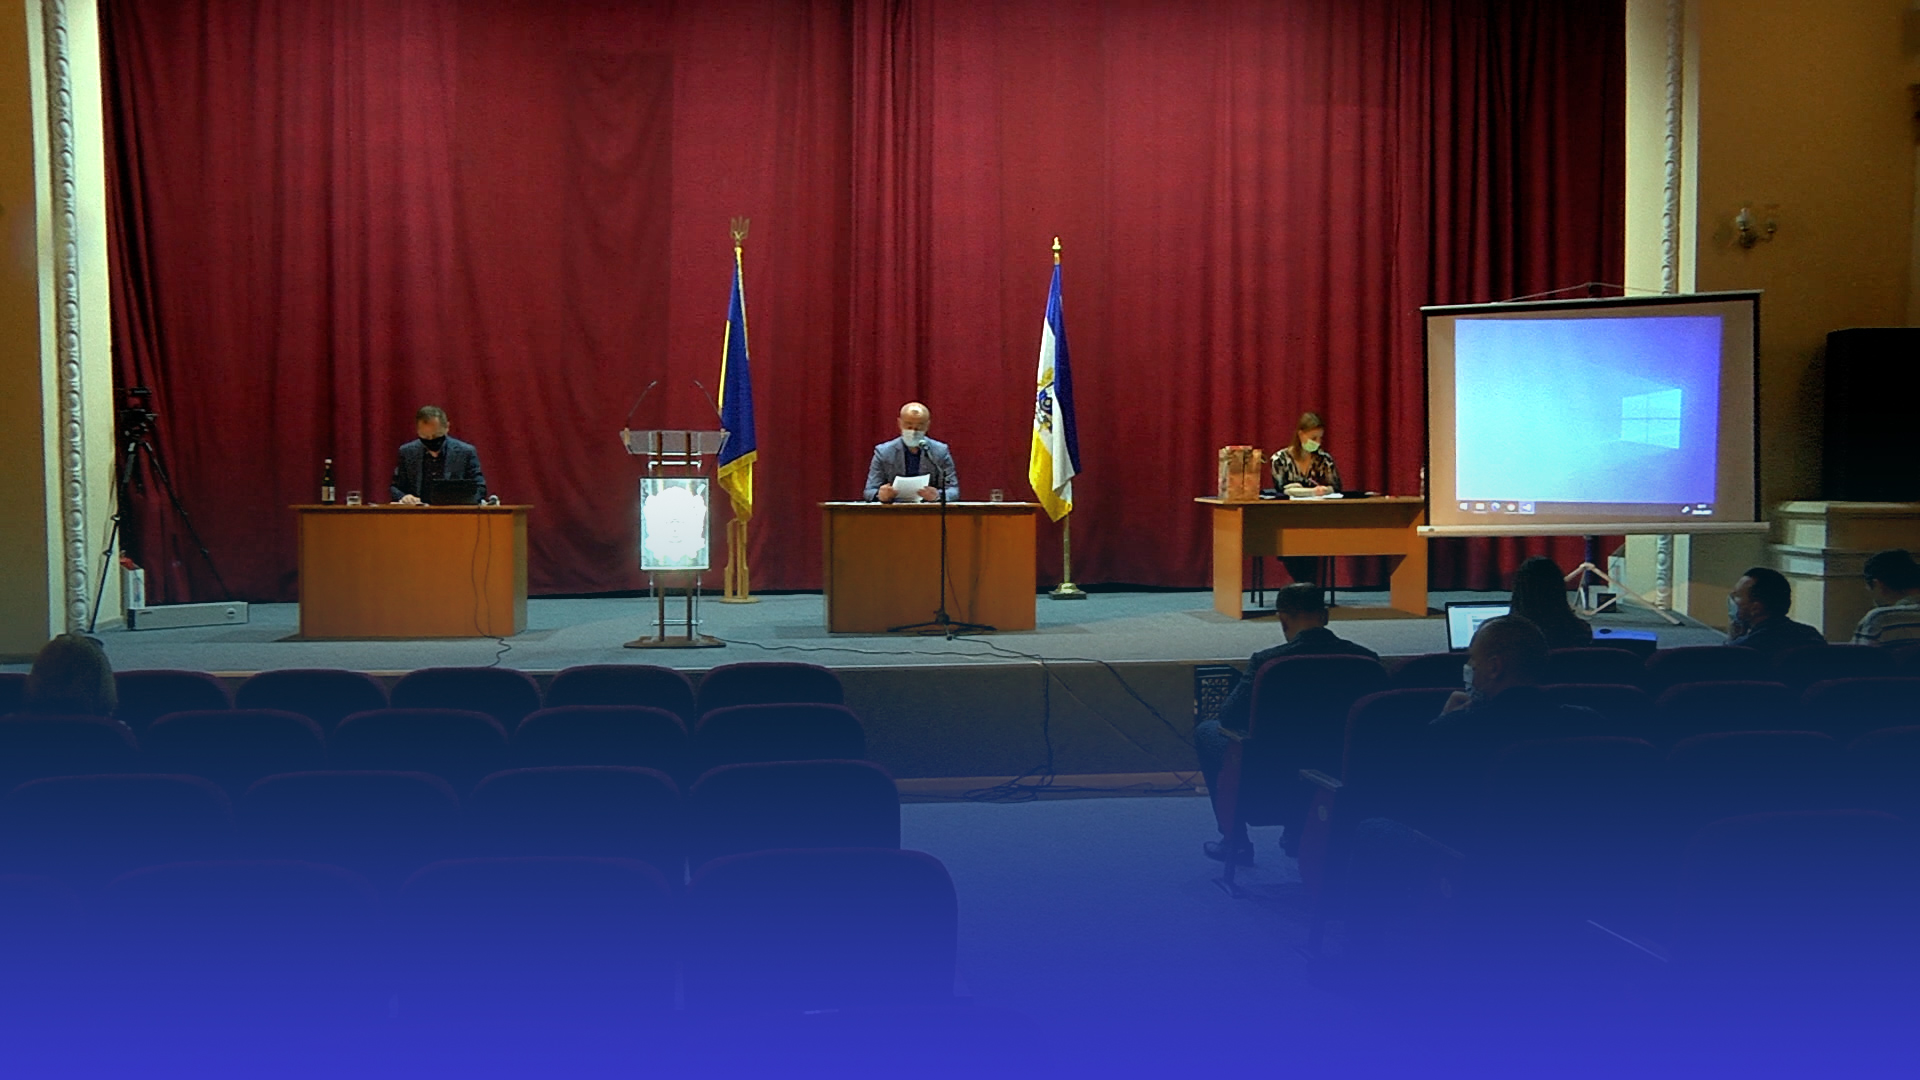 Звернення щодо акцизу, зростання тарифів і питання бюджету: відбулася сесія Тернопільської міськради